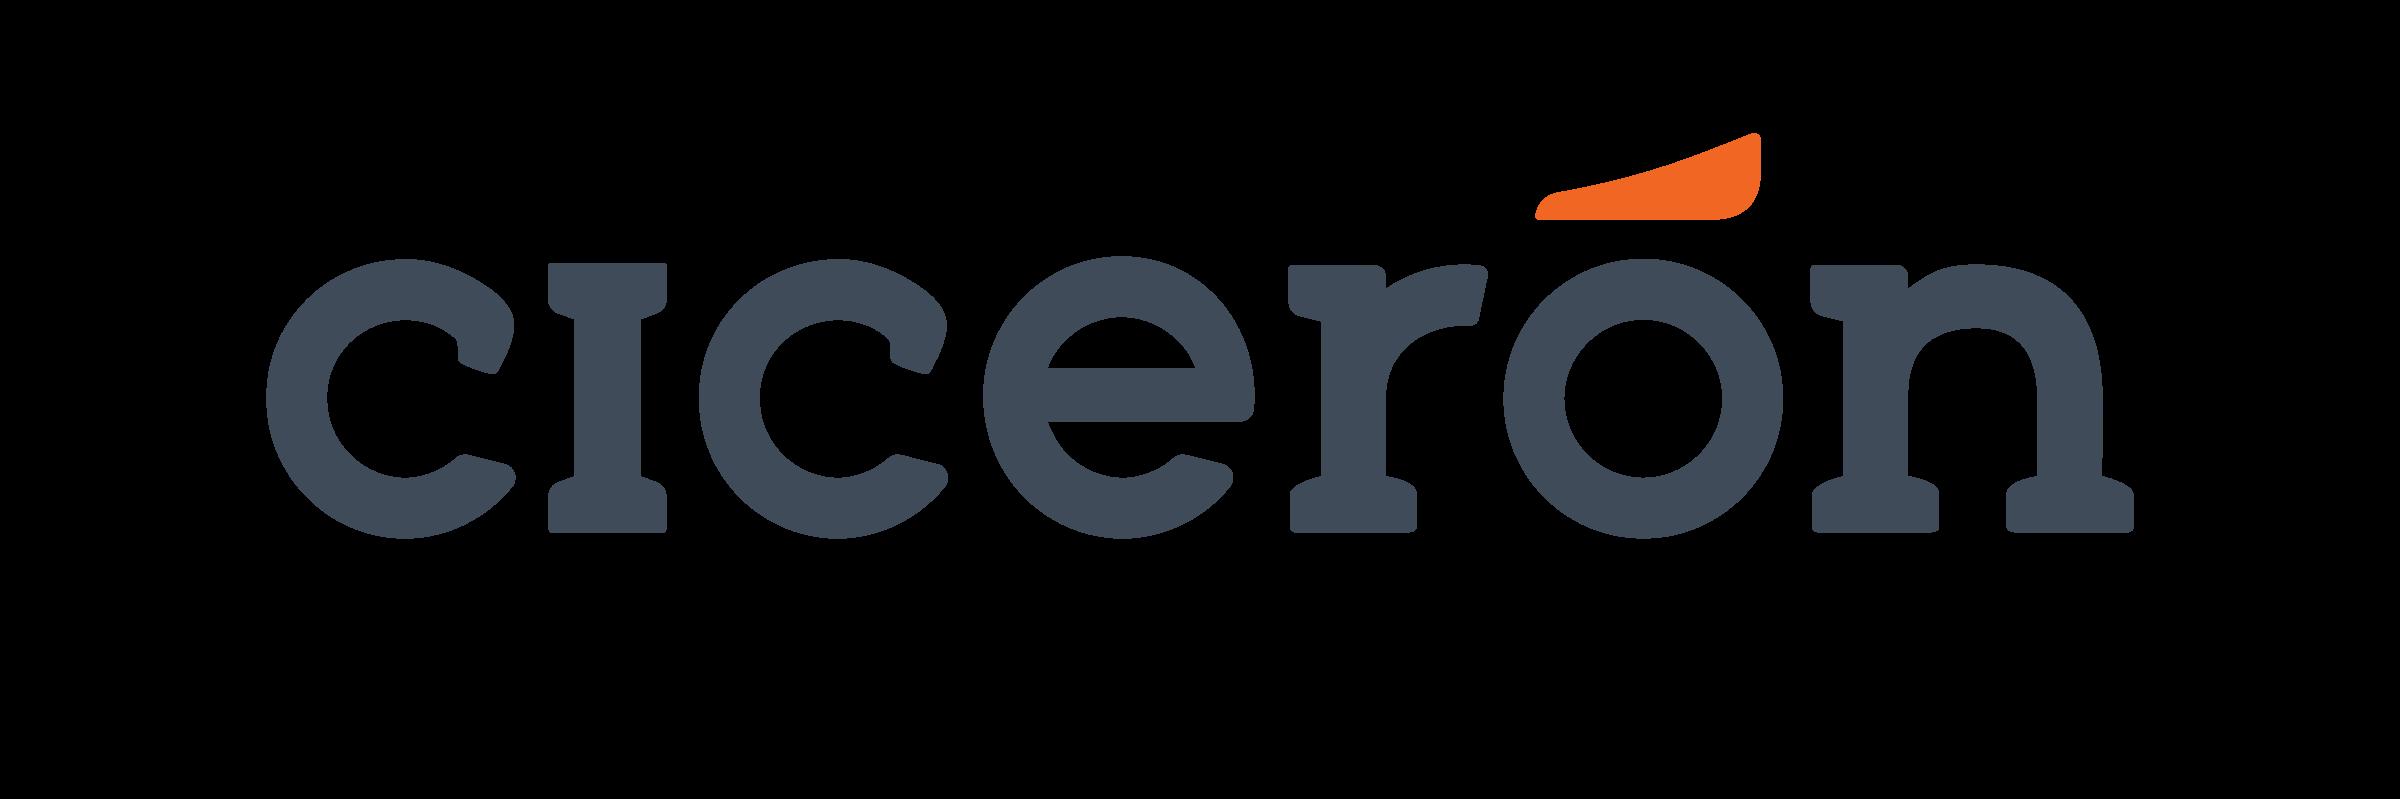 Ciceron cover